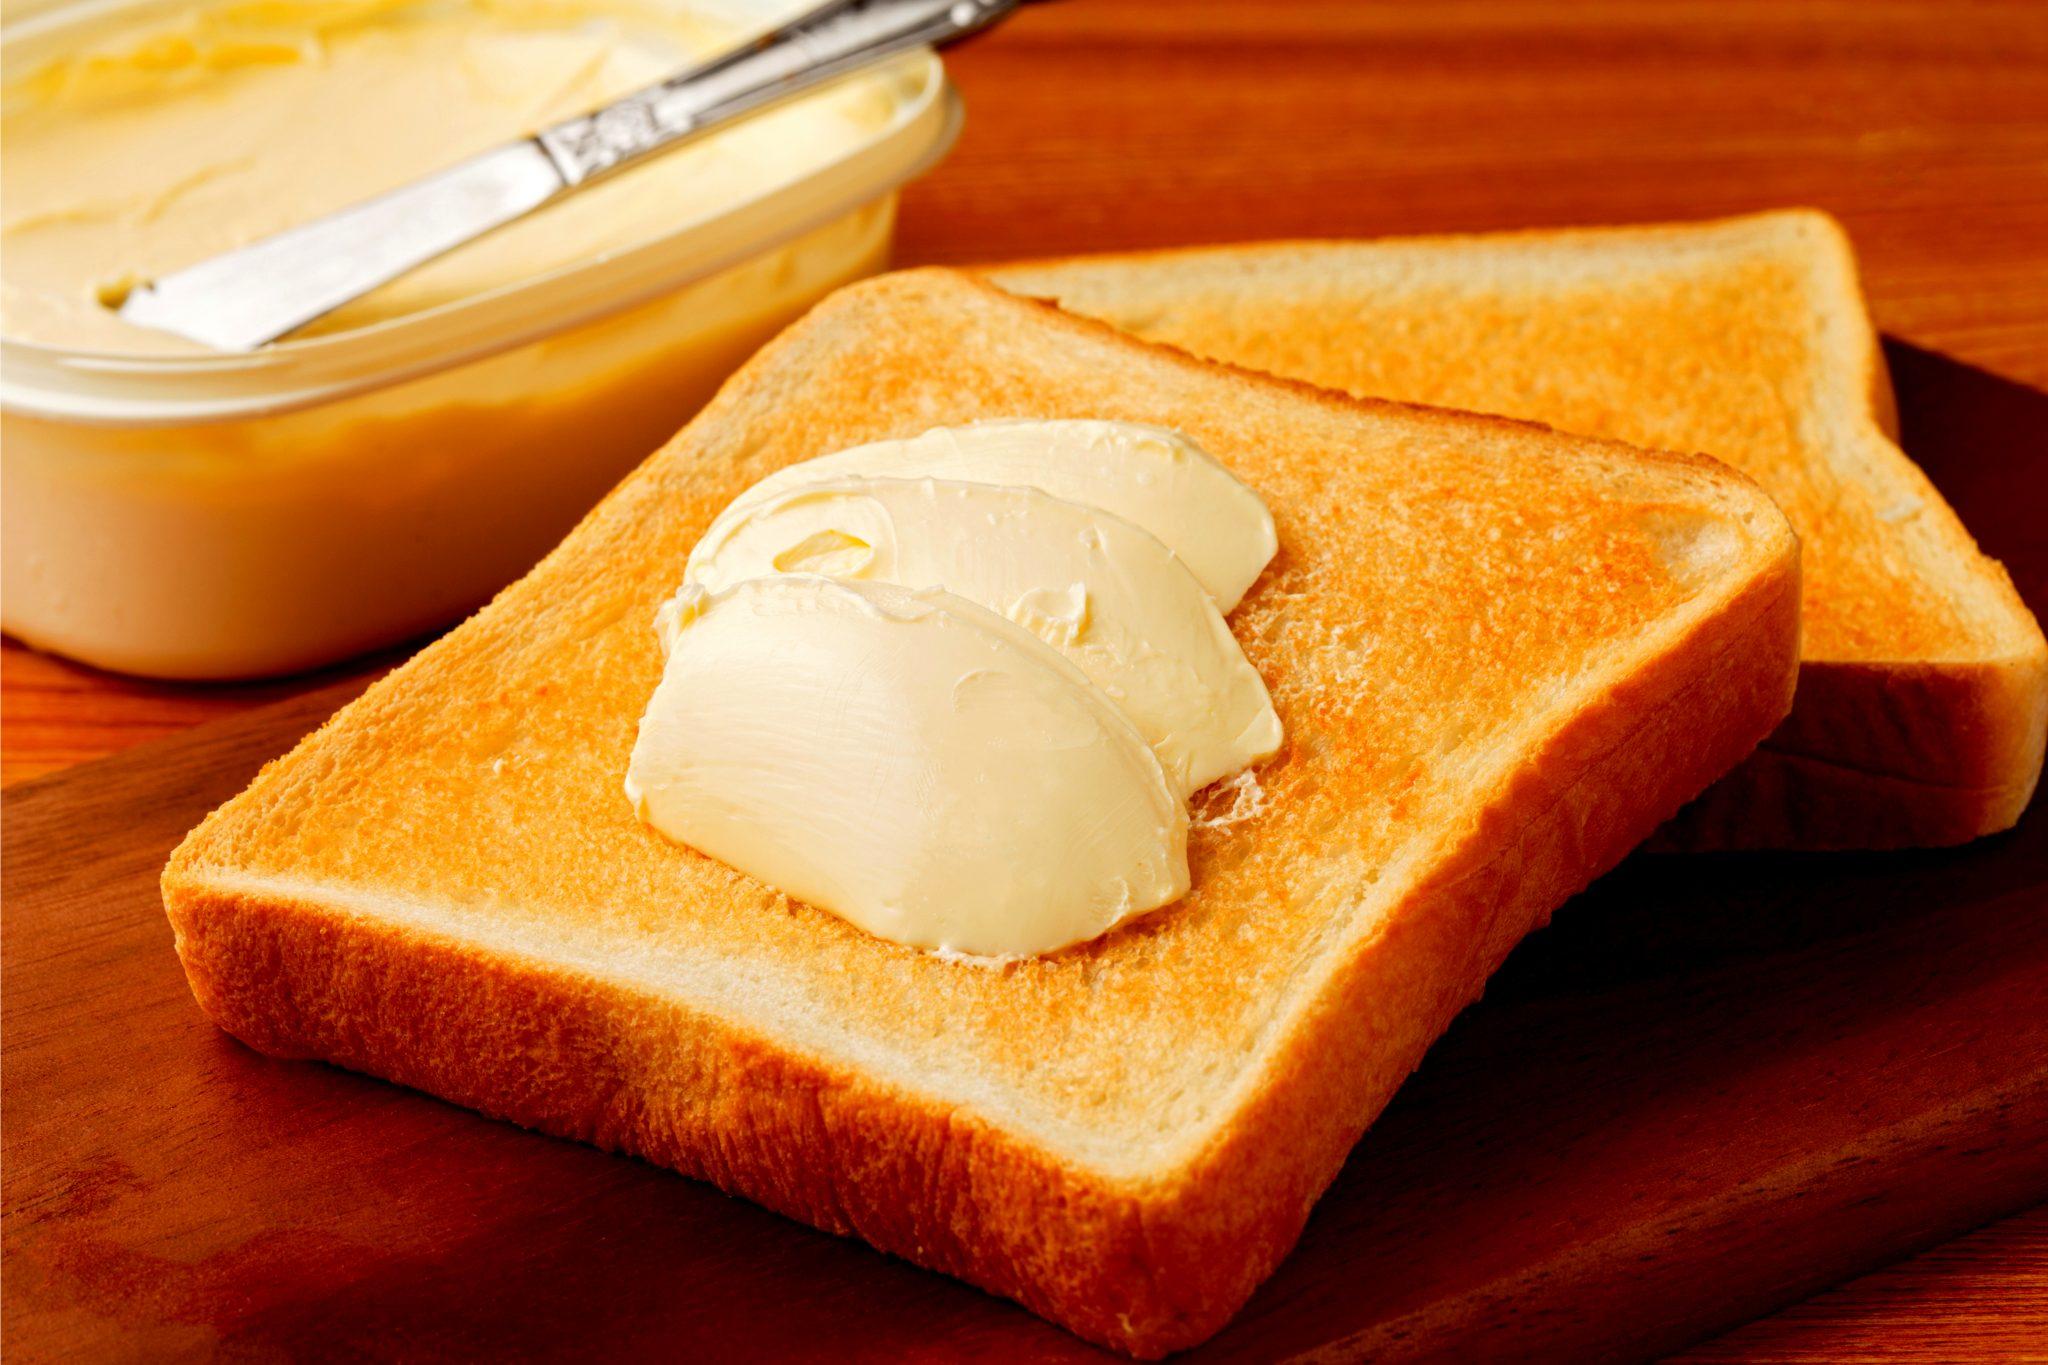 トランス脂肪酸の多いマーガリントースト